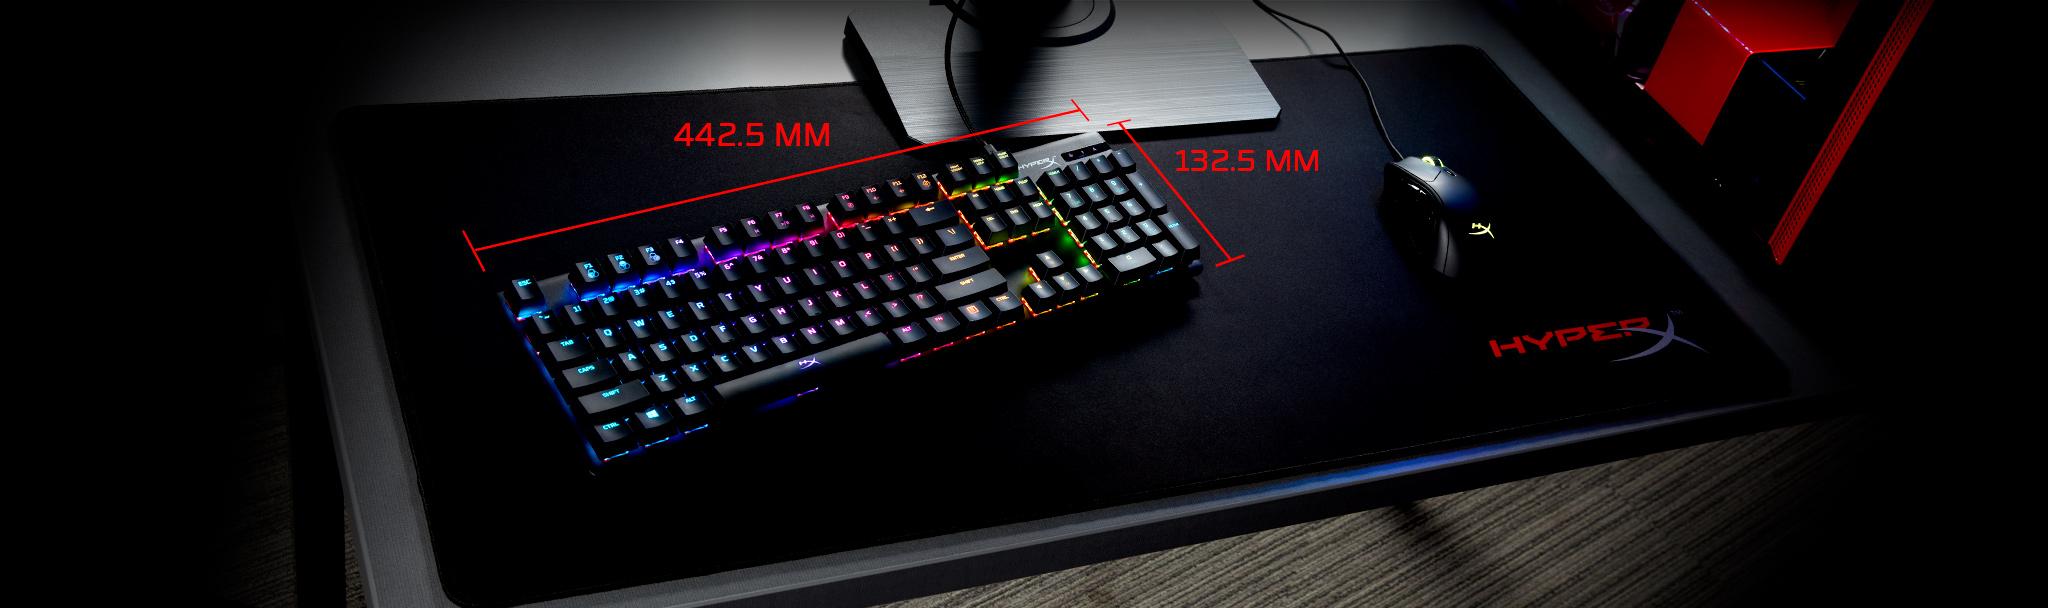 Bàn phím cơ KINGSTON HYPERX ALLOY ORIGINS Red Switch RGB (HX-KB6RDX-US) có thiết kế gọn gàng và có cổng USB type-C có thể tháo rời